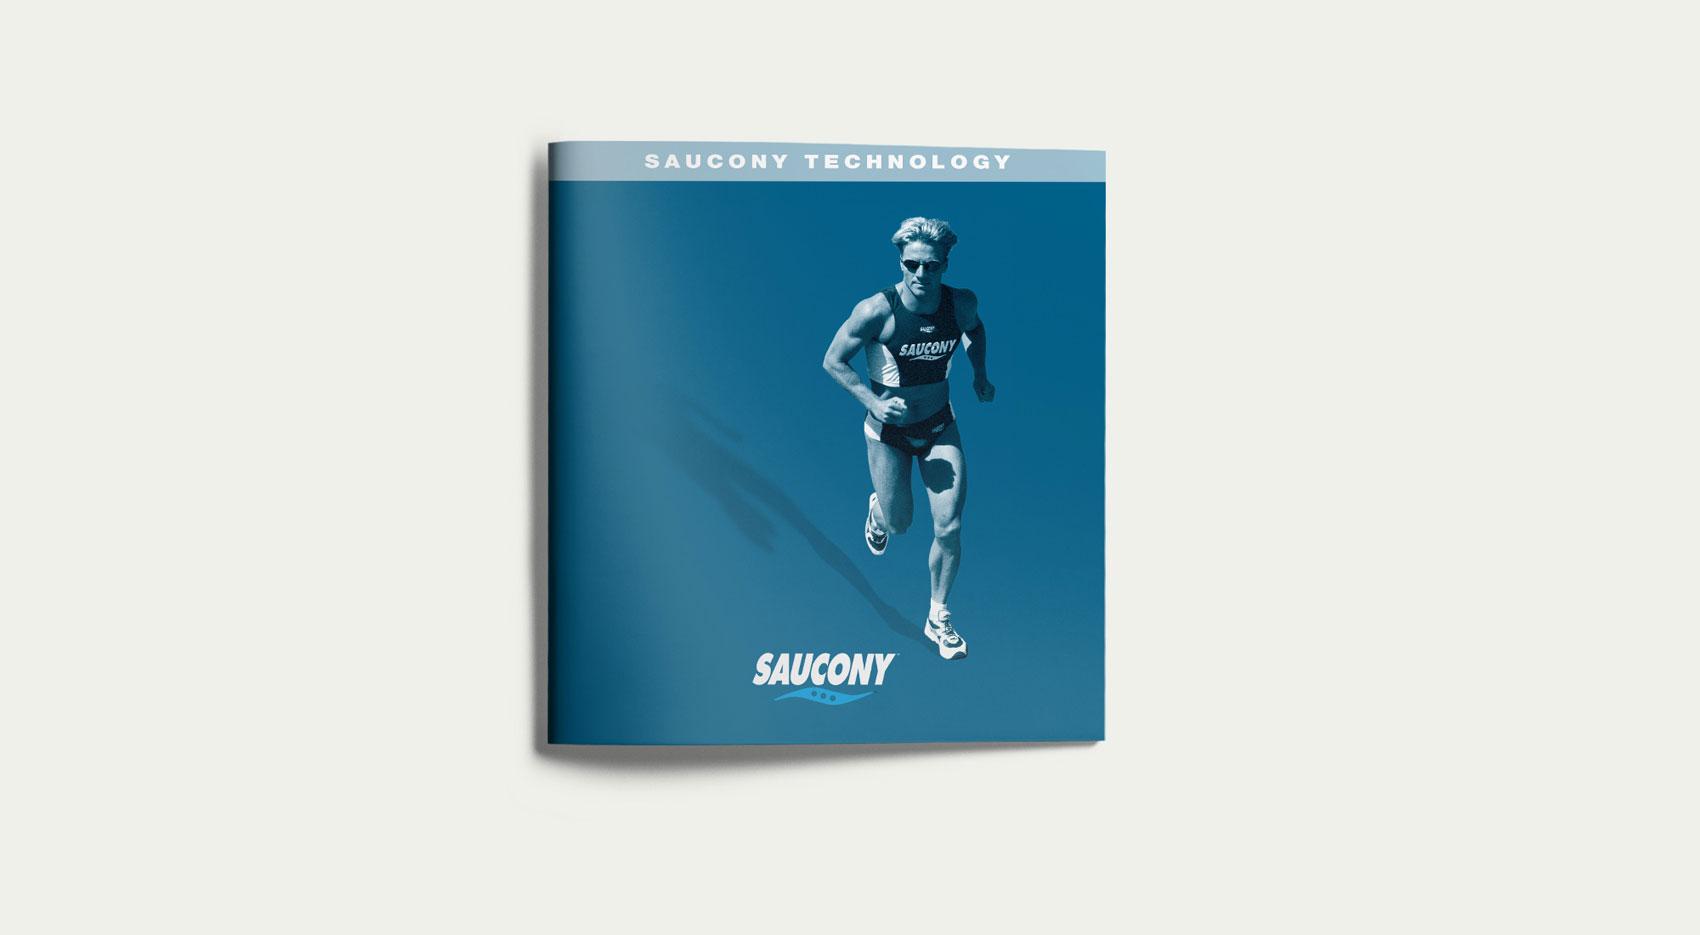 book-technic-saucony-1